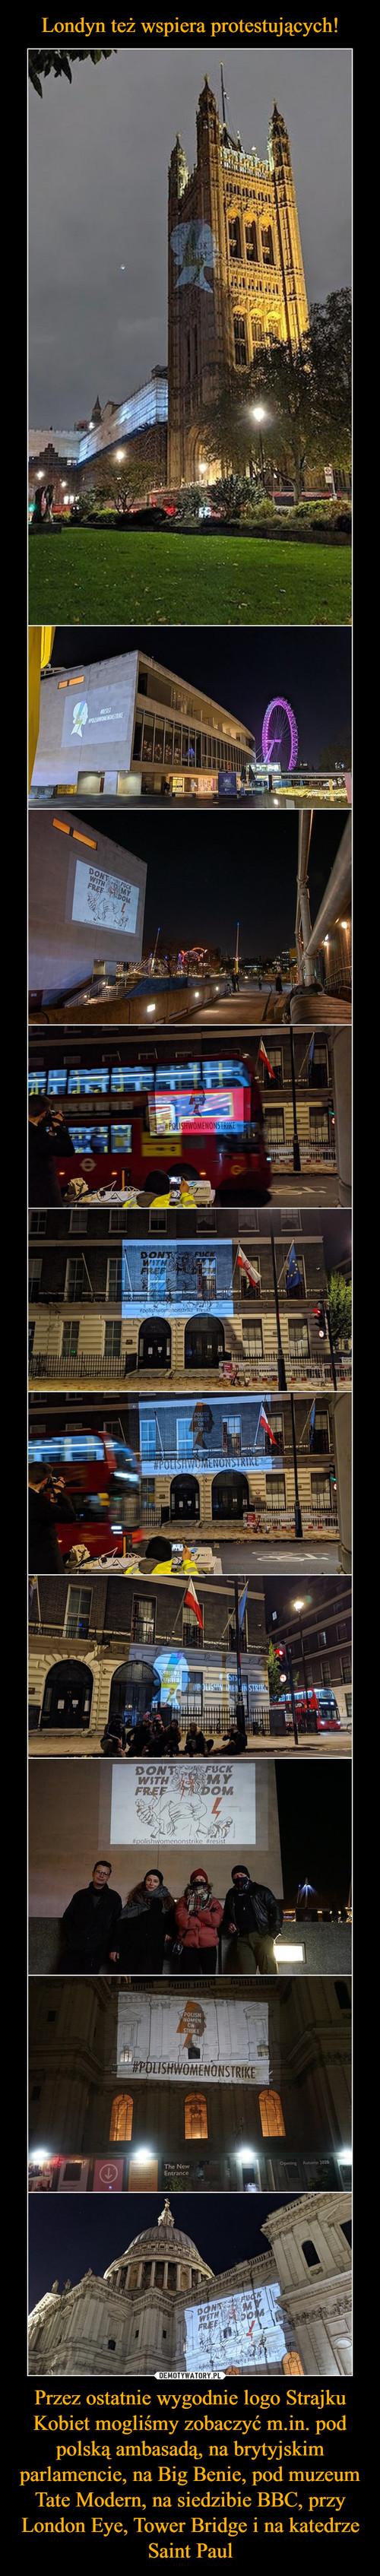 Londyn też wspiera protestujących! Przez ostatnie wygodnie logo Strajku Kobiet mogliśmy zobaczyć m.in. pod polską ambasadą, na brytyjskim parlamencie, na Big Benie, pod muzeum Tate Modern, na siedzibie BBC, przy London Eye, Tower Bridge i na katedrze Saint Paul